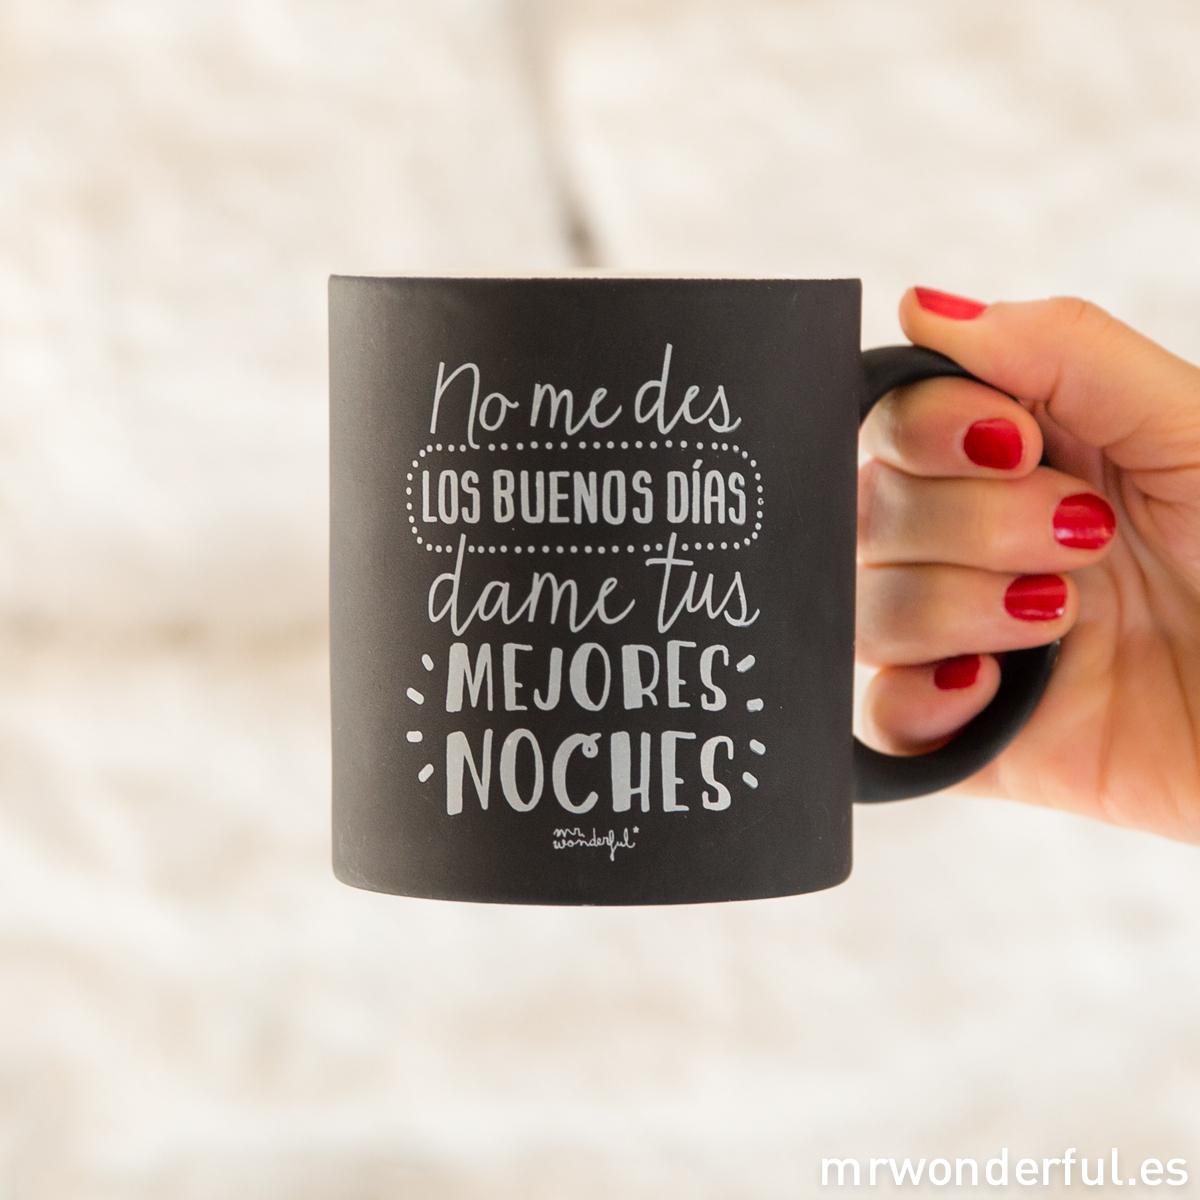 mrwonderful_8436547191451_WON-197_TAZA_Taza-Negra_No-me-des-los-buenso-dias-dame-tus-mejores-noches-102